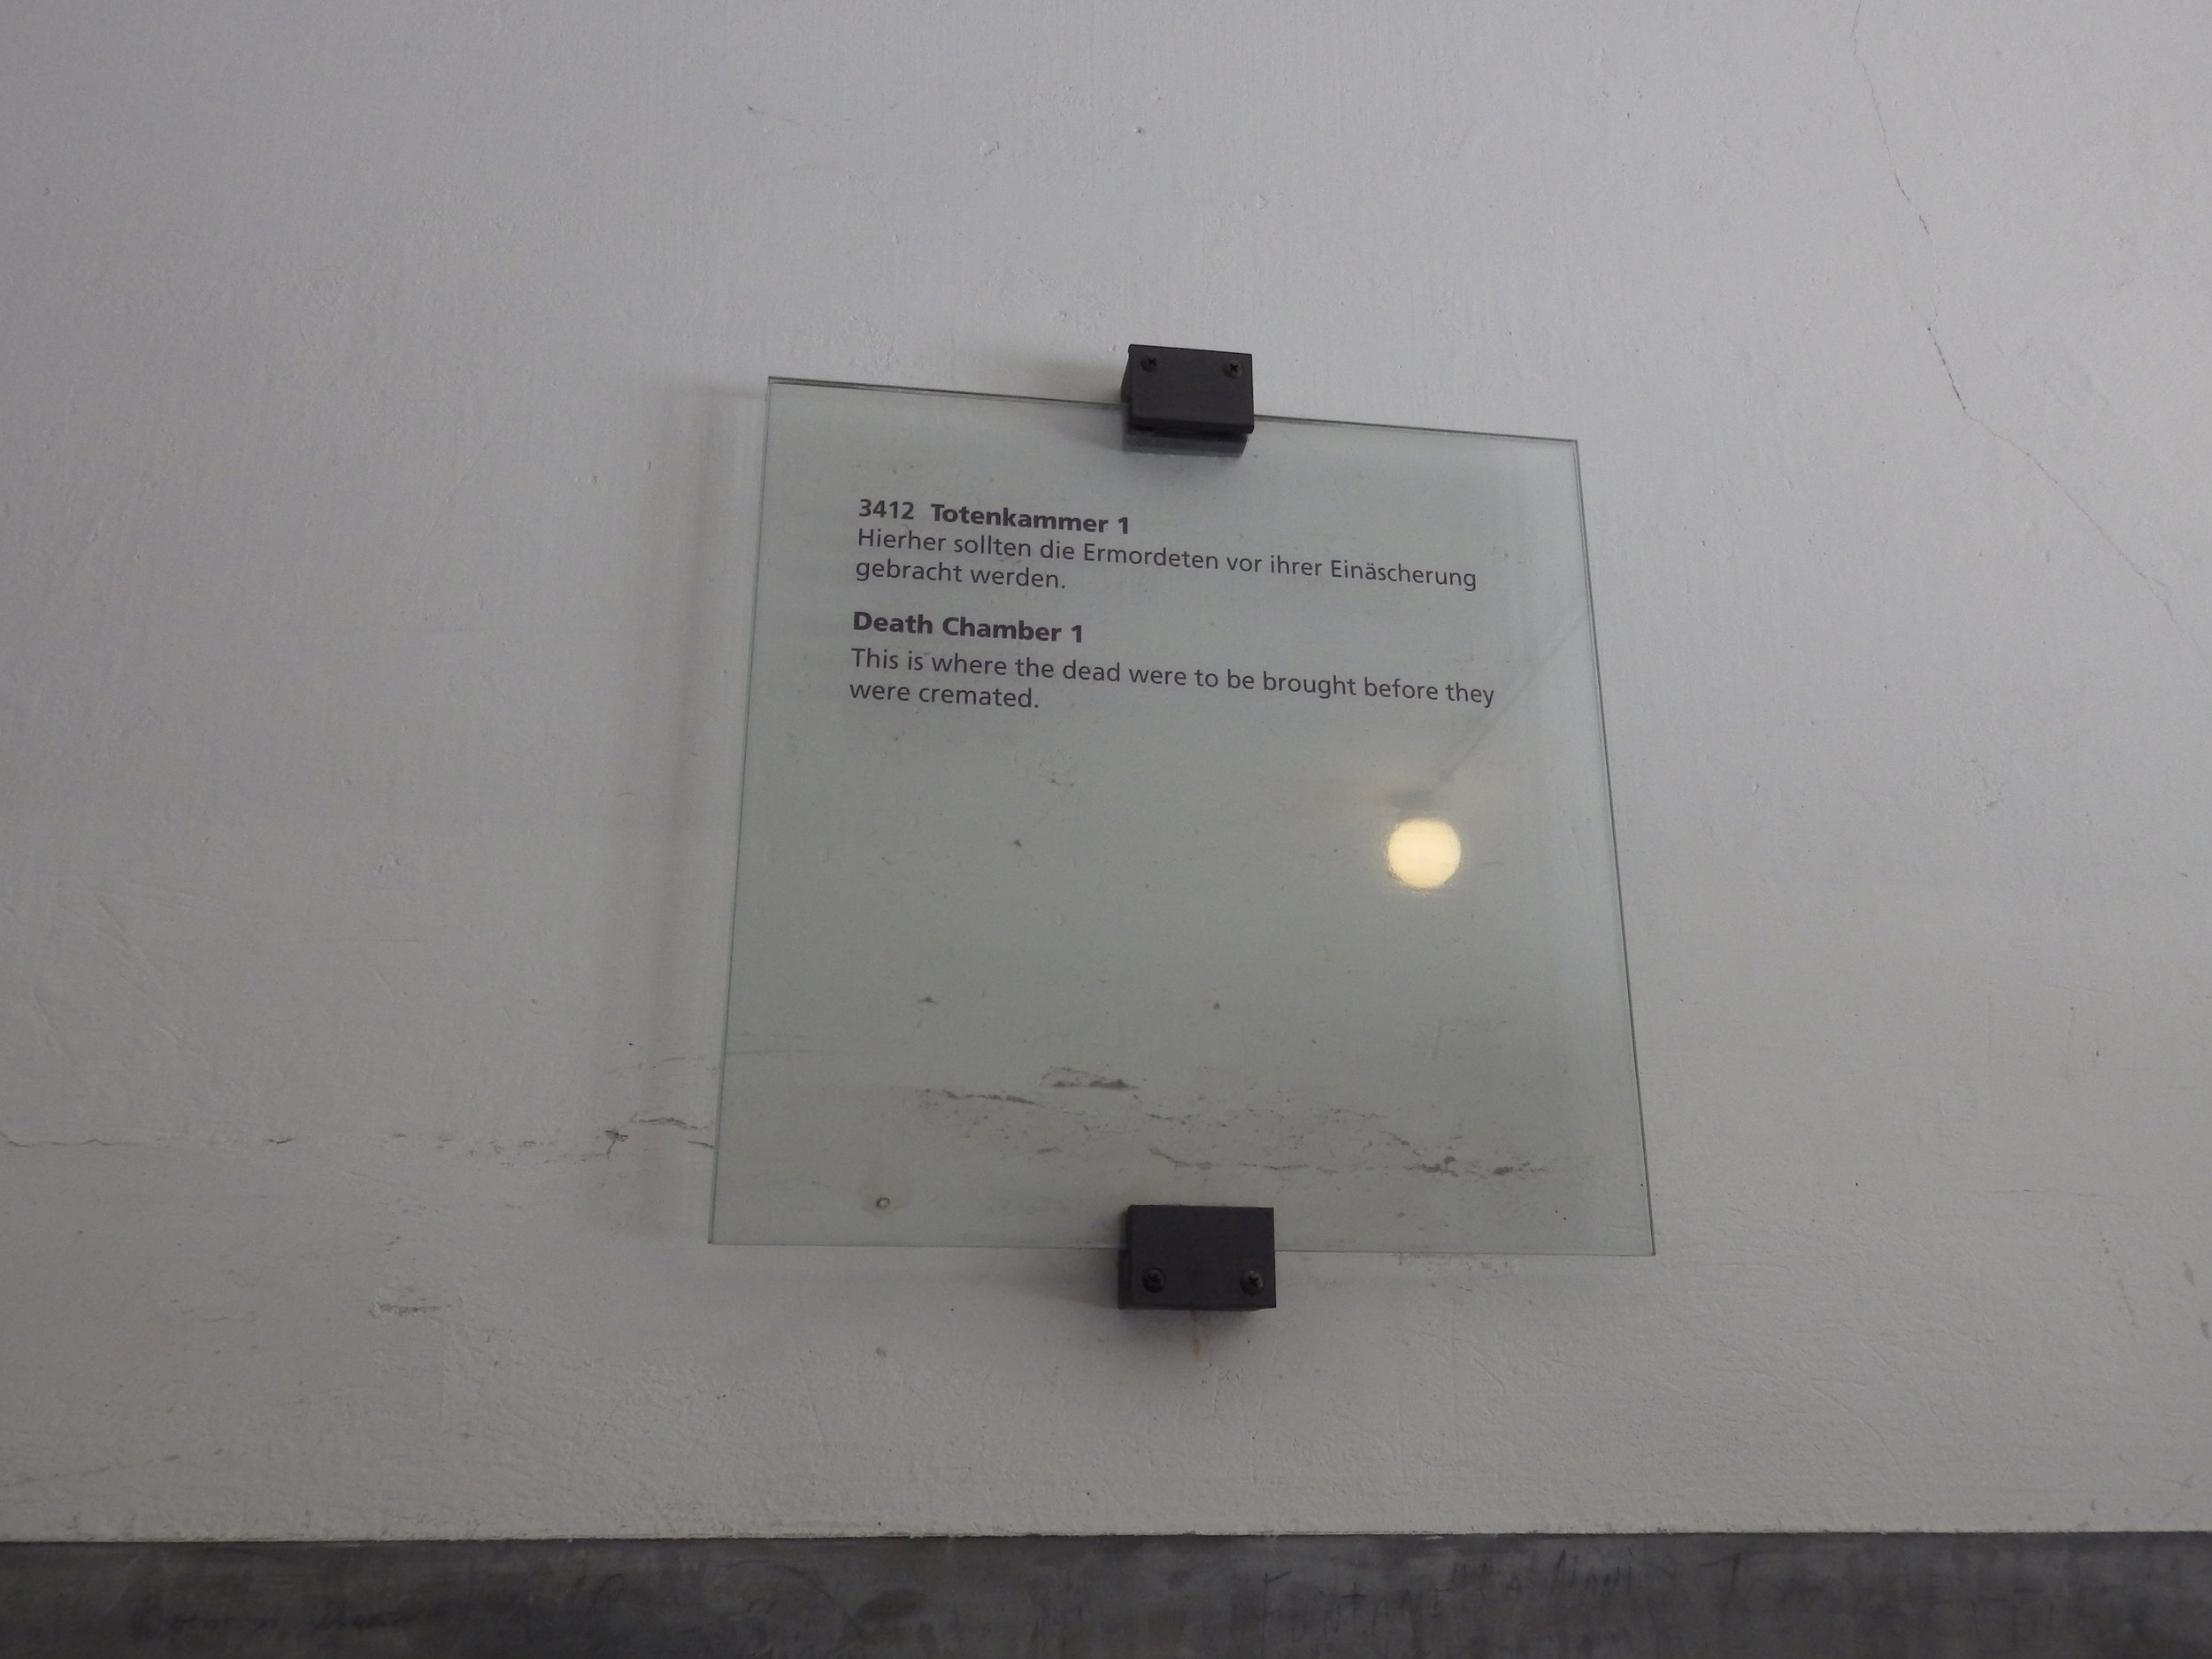 IMGP1873.JPG